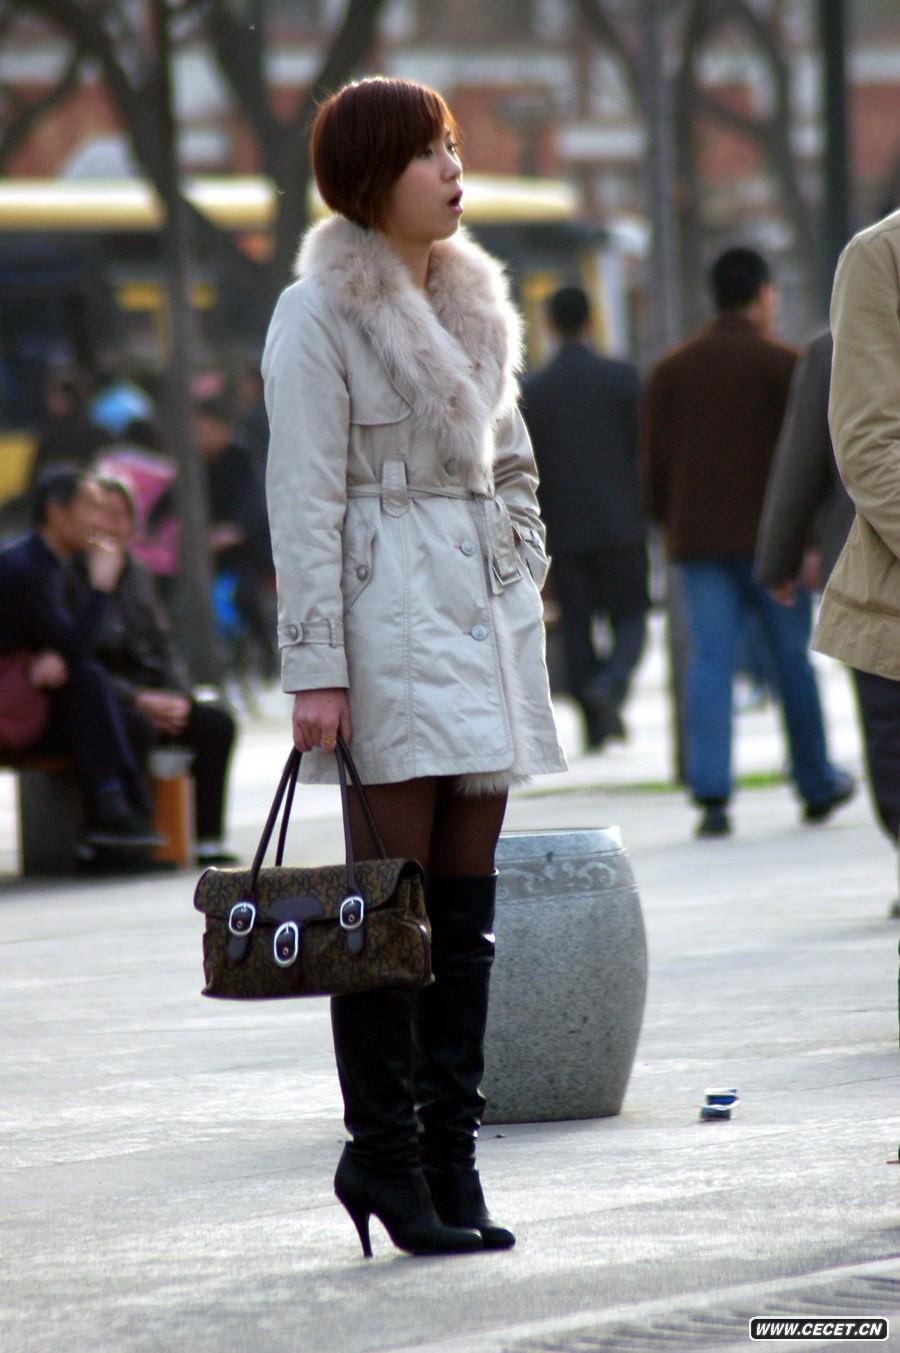 _冬天长靴搭配丝袜_长靴搭配丝袜_高跟长靴丝袜美女 ...